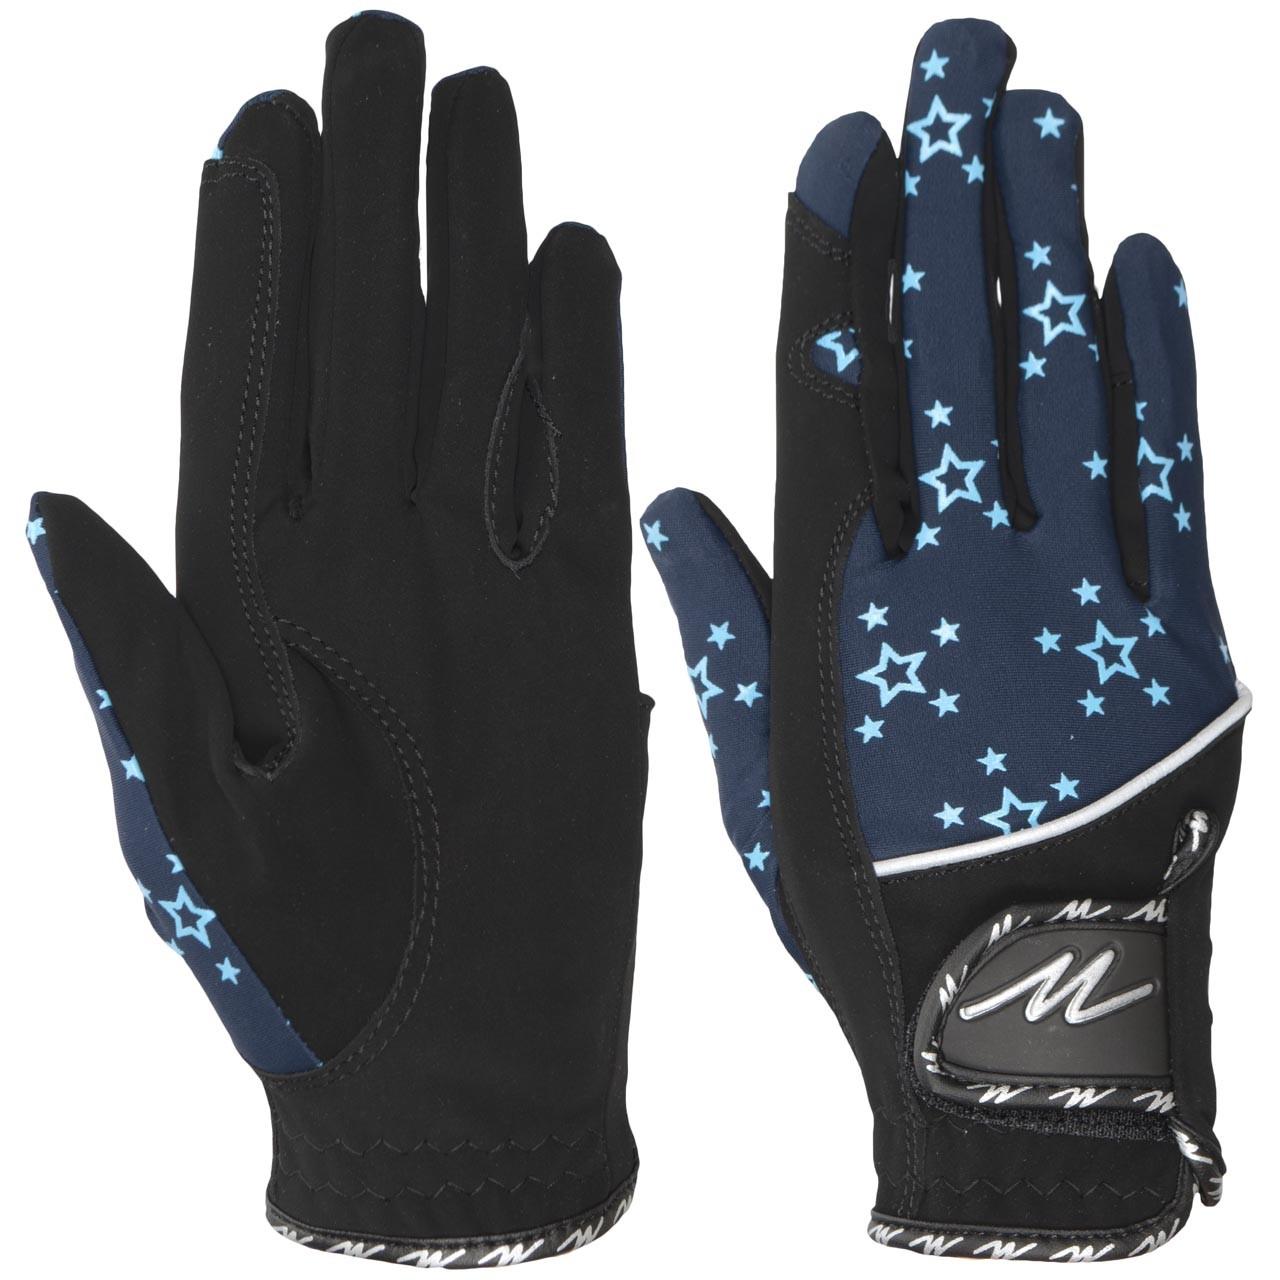 Mondoni Santos handschoen zwart/blauw maat:l